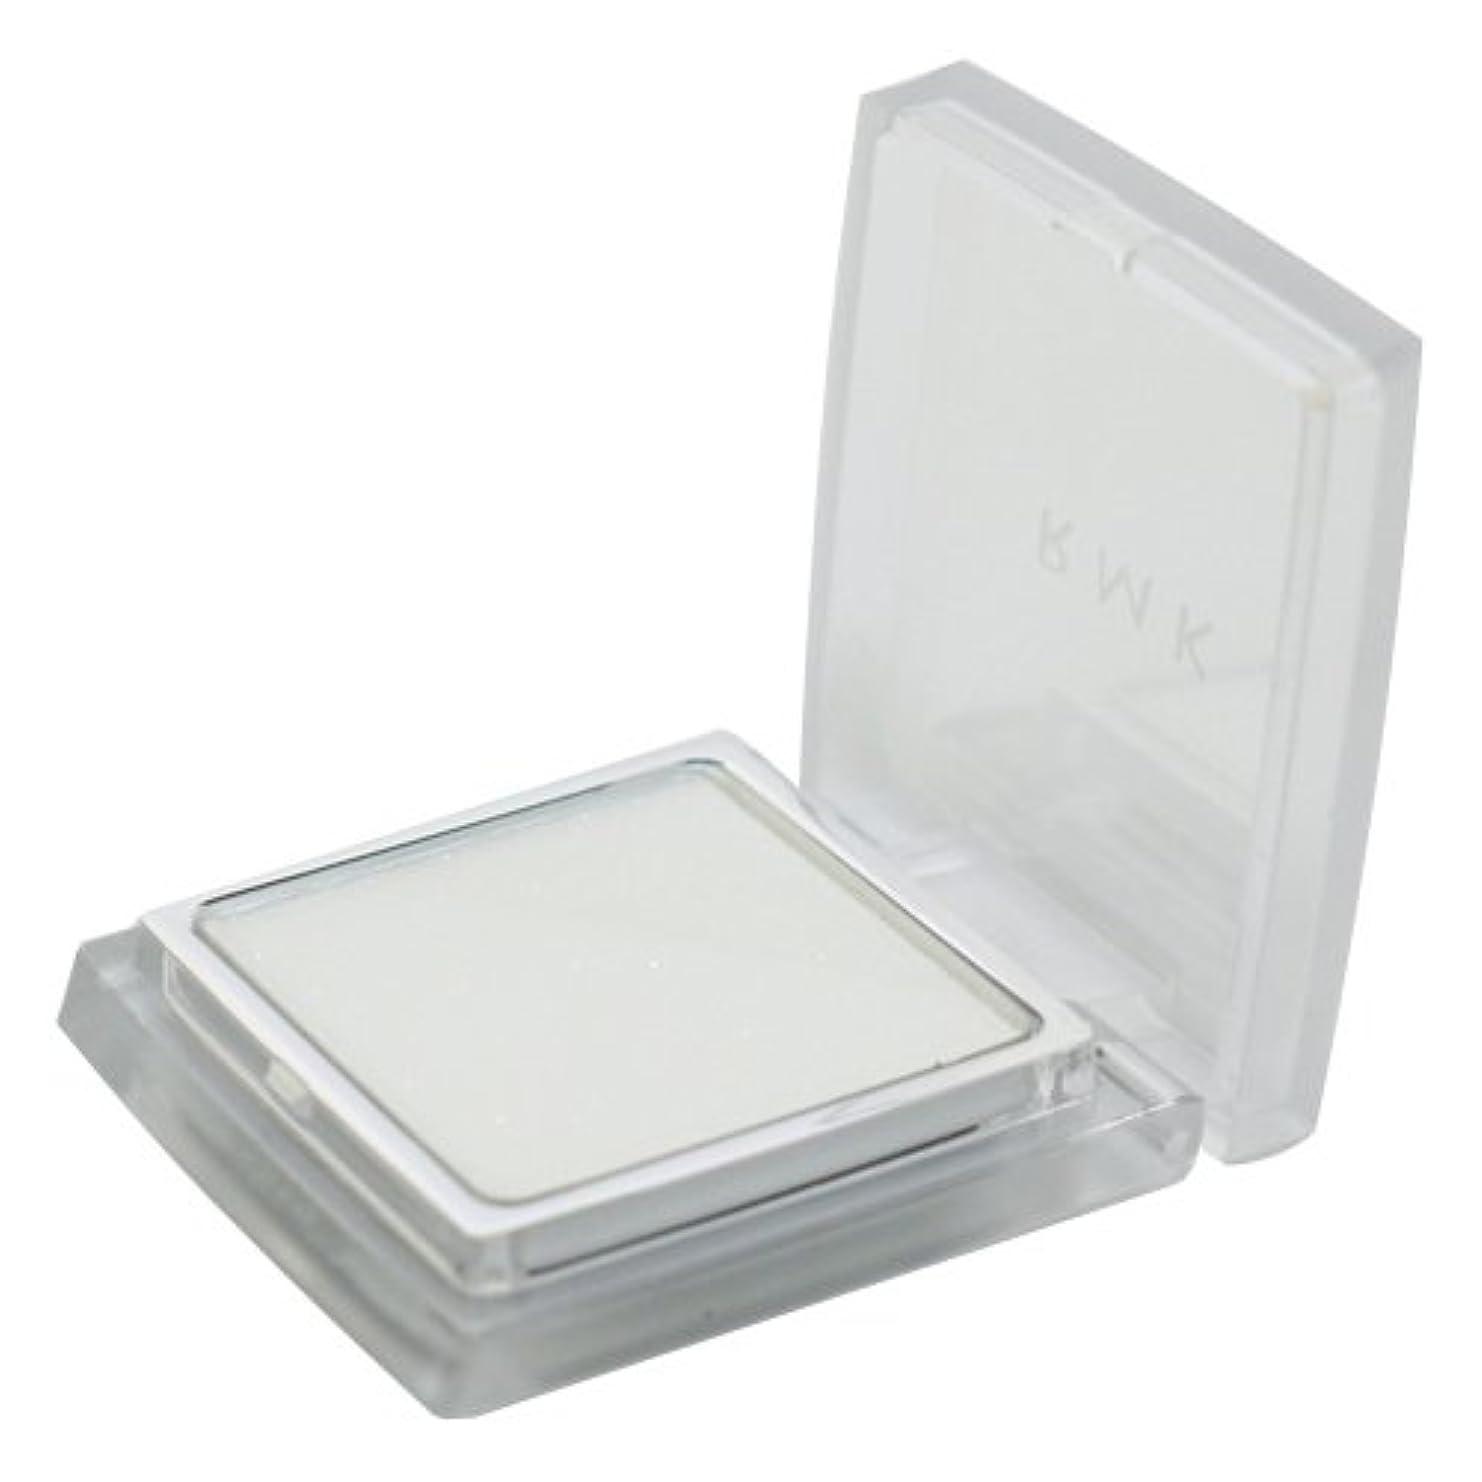 ビンページ直感アールエムケー RMK インジーニアス パウダーアイズ N 10 (在庫) [並行輸入品]